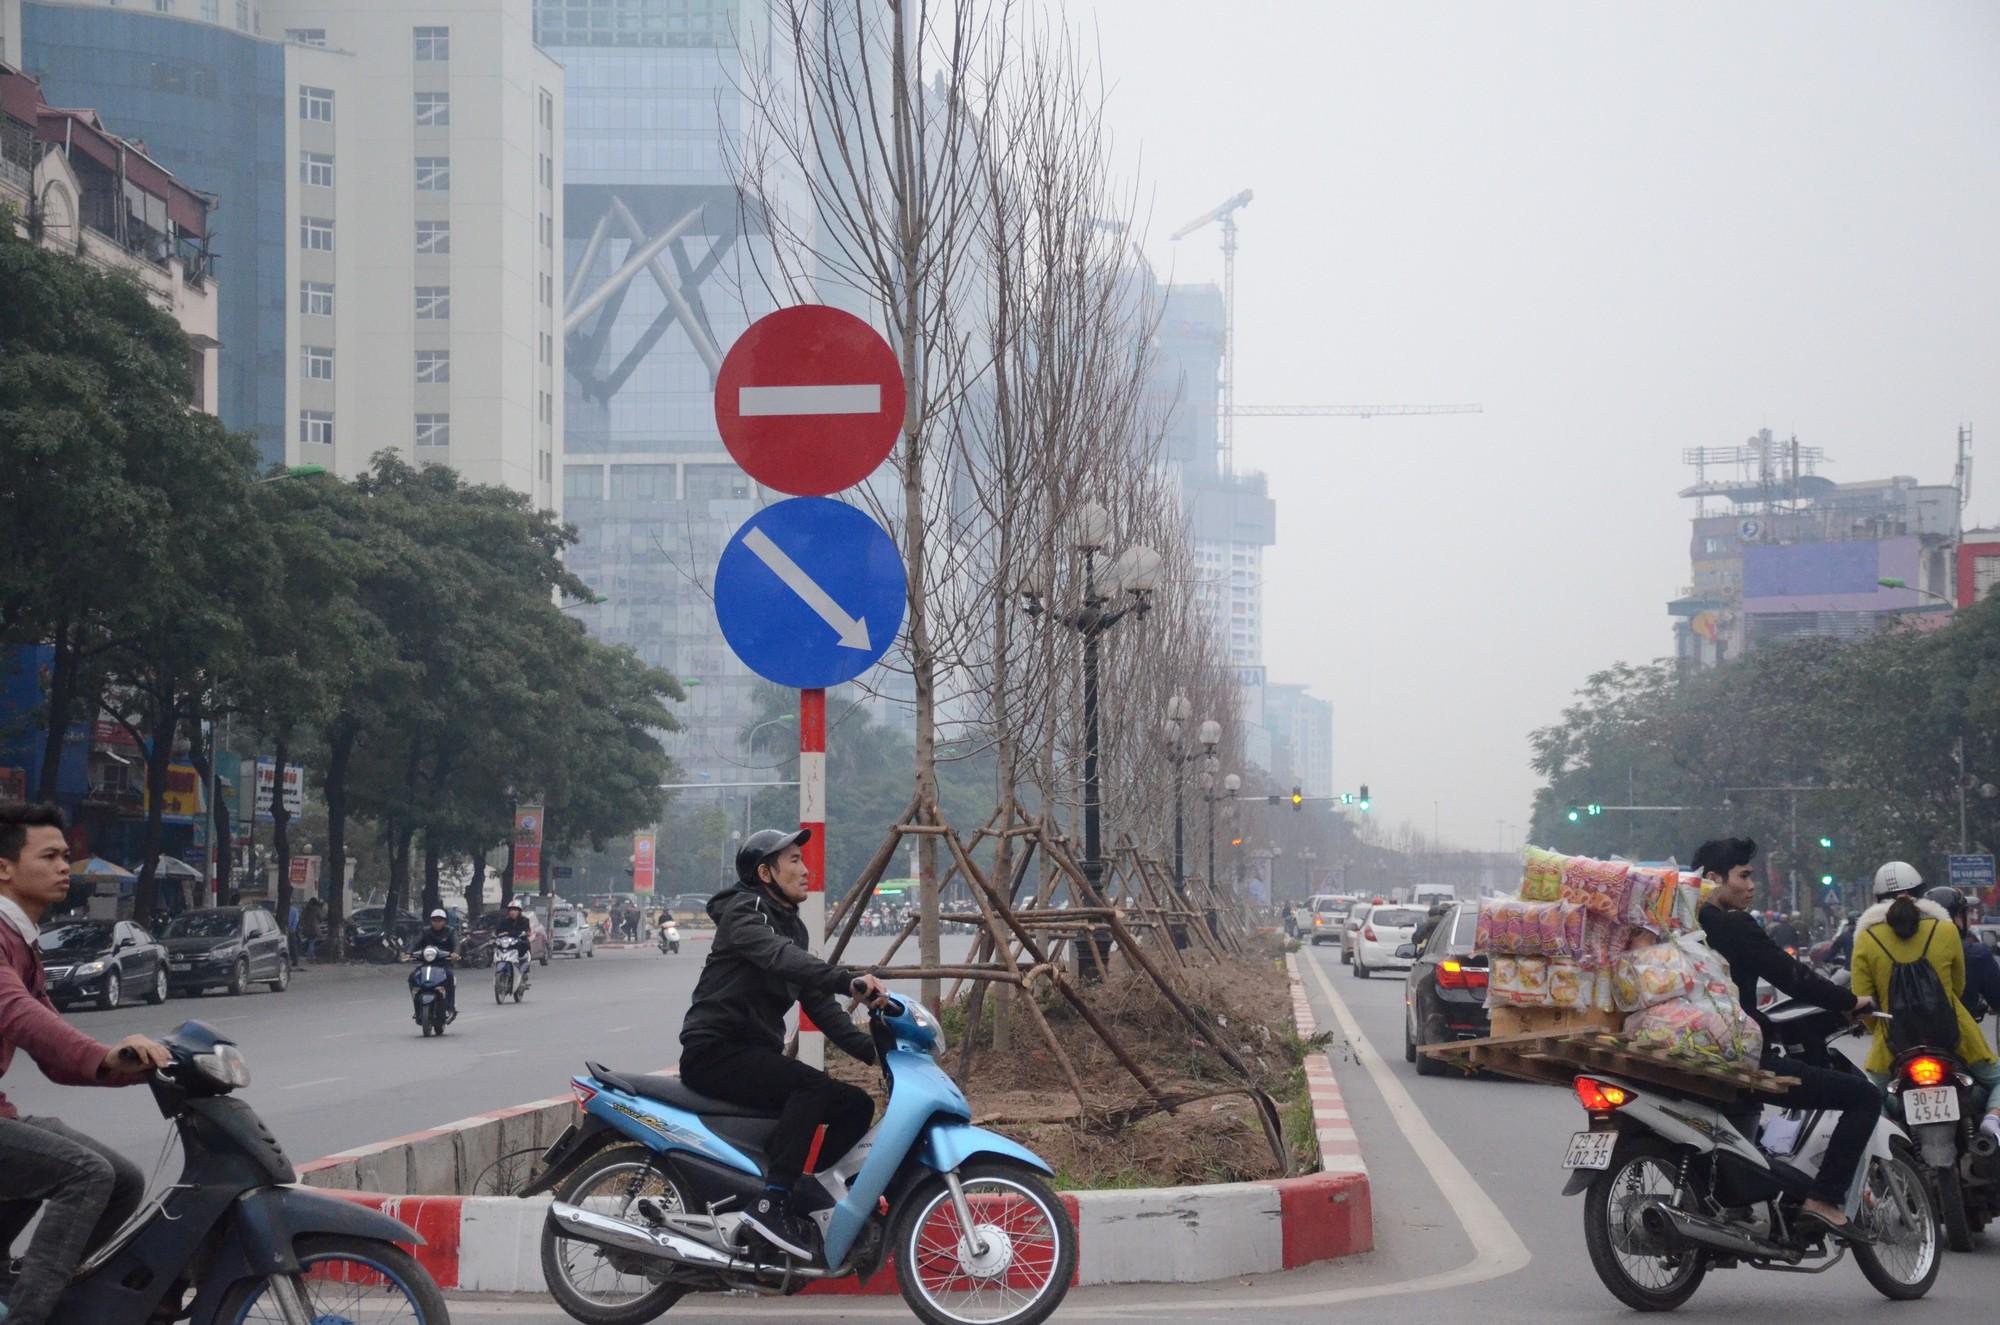 Chùm ảnh: Tận thấy hàng trăm cây phong lá đỏ mới được trồng trên phố Trần Duy Hưng ở Hà Nội - Ảnh 3.